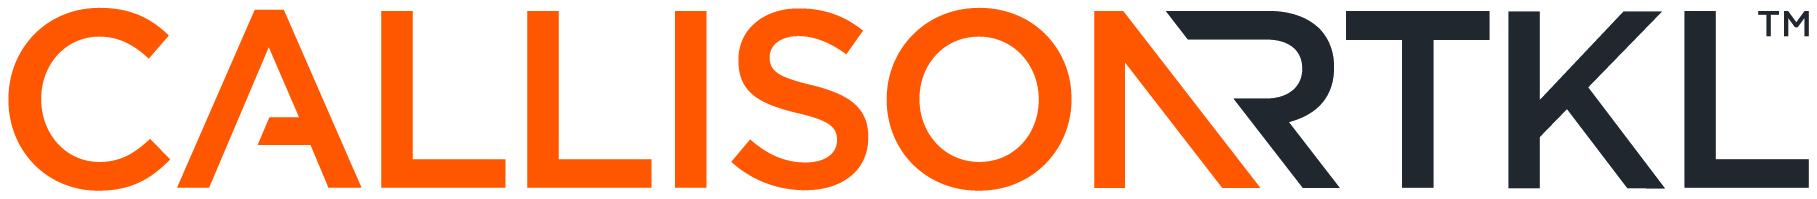 2020 Clay Shoot - CallisonRTKL logo